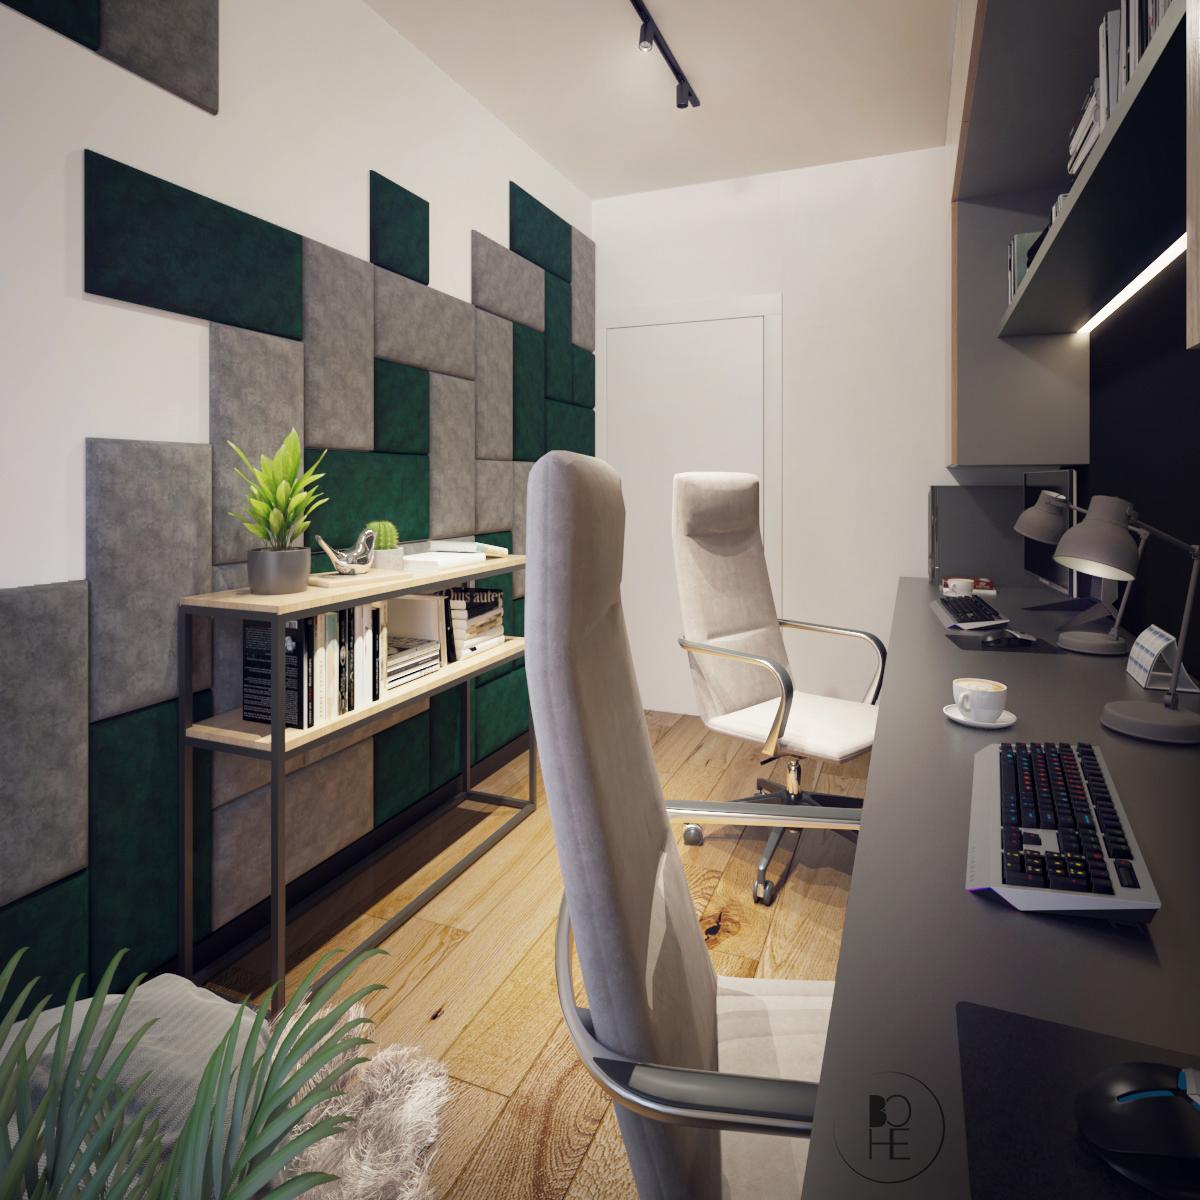 architekt wnętrz Łódź aranżacja nowoczesnego domowego biura w zielono szarych barwach